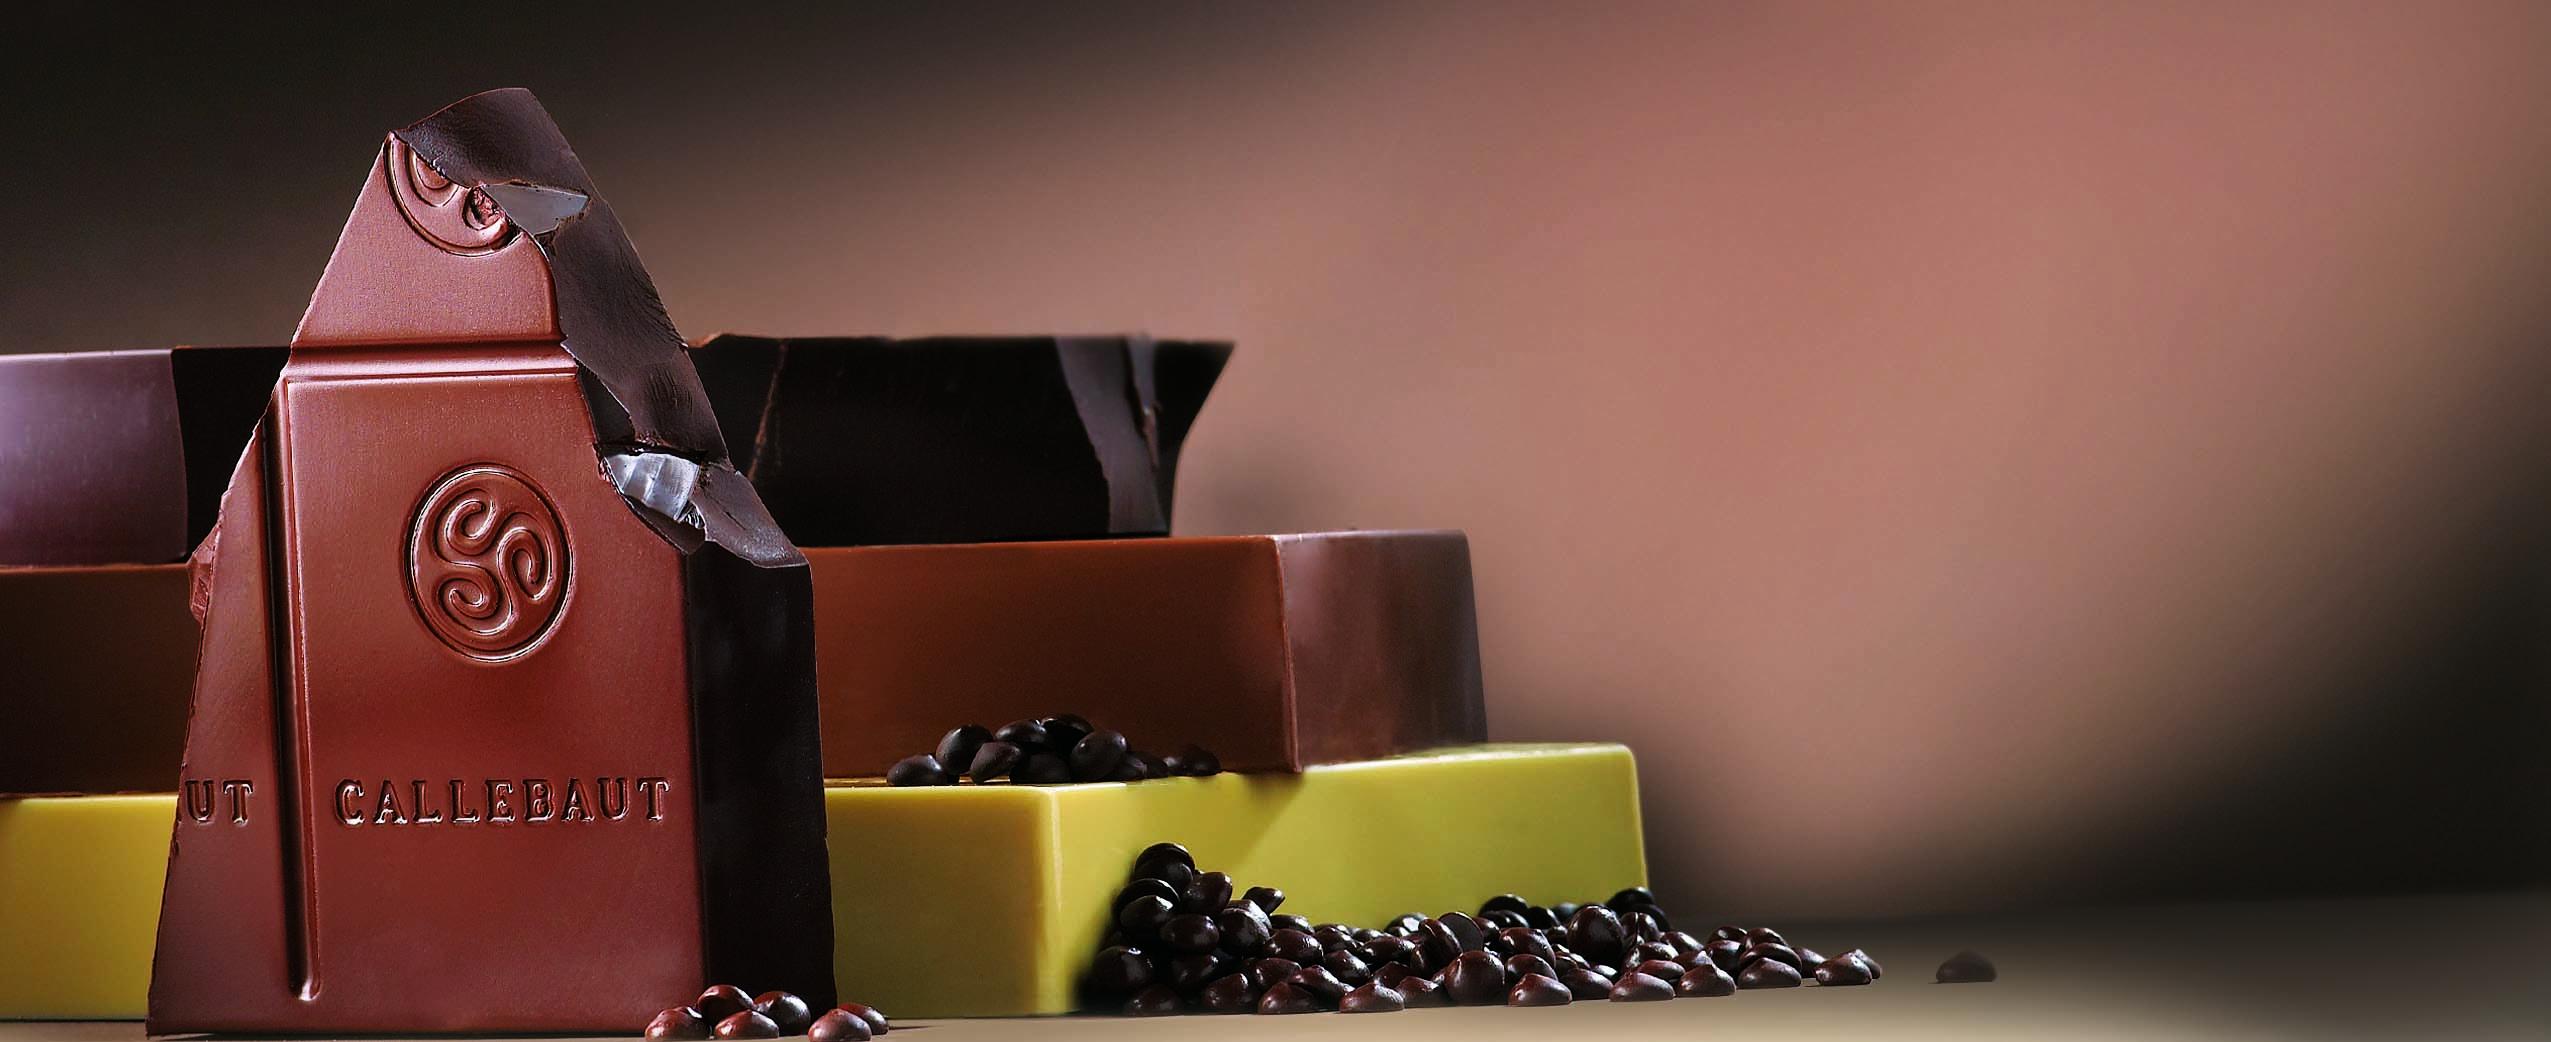 Callebaut Chocolate